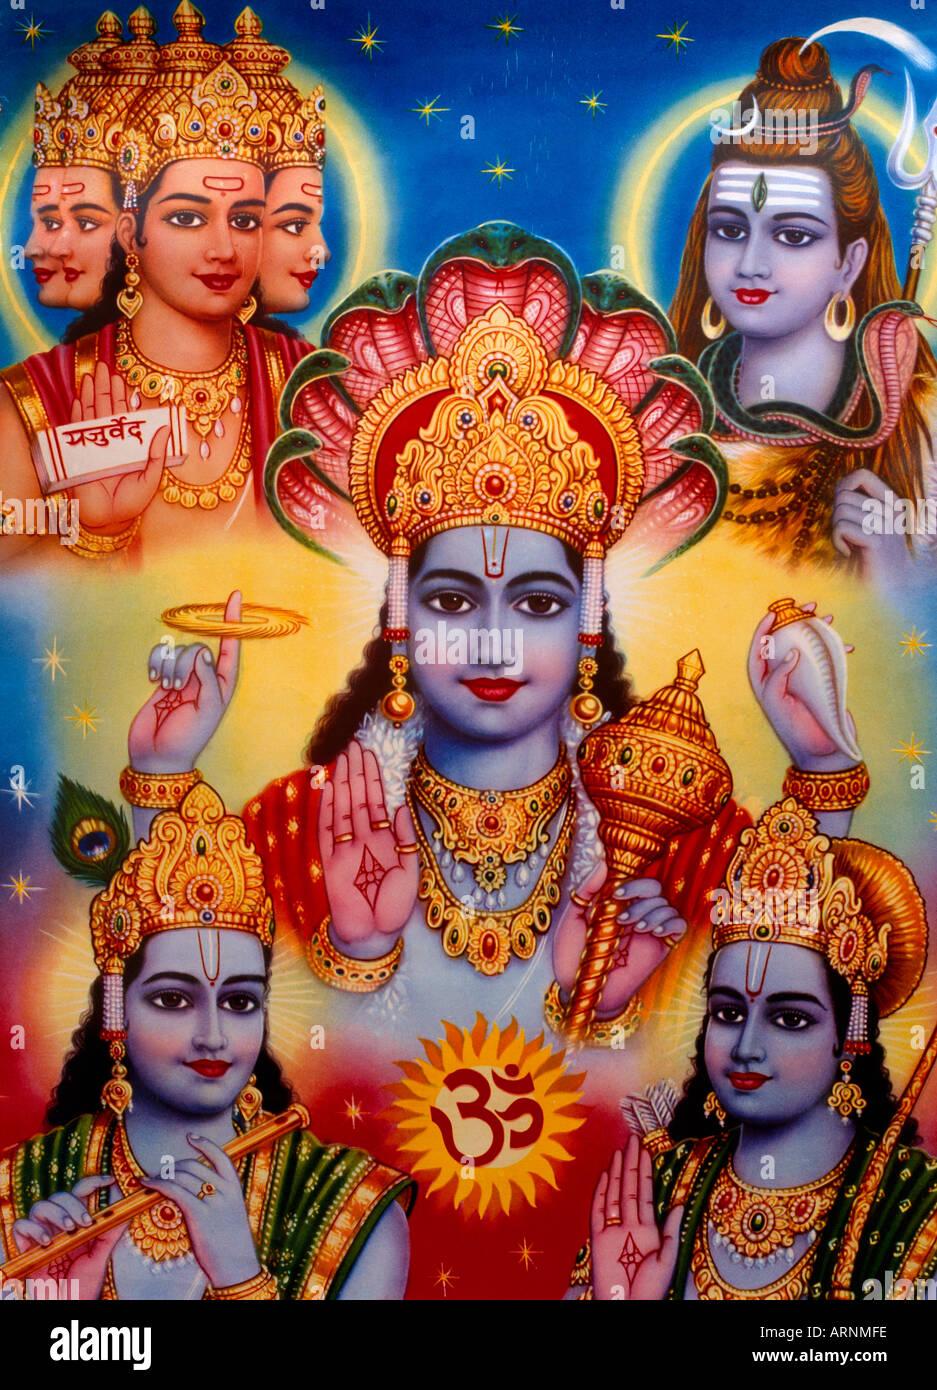 Brahma Vishnu Shiva Stock Photos & Brahma Vishnu Shiva ...  Brahma Vishnu S...